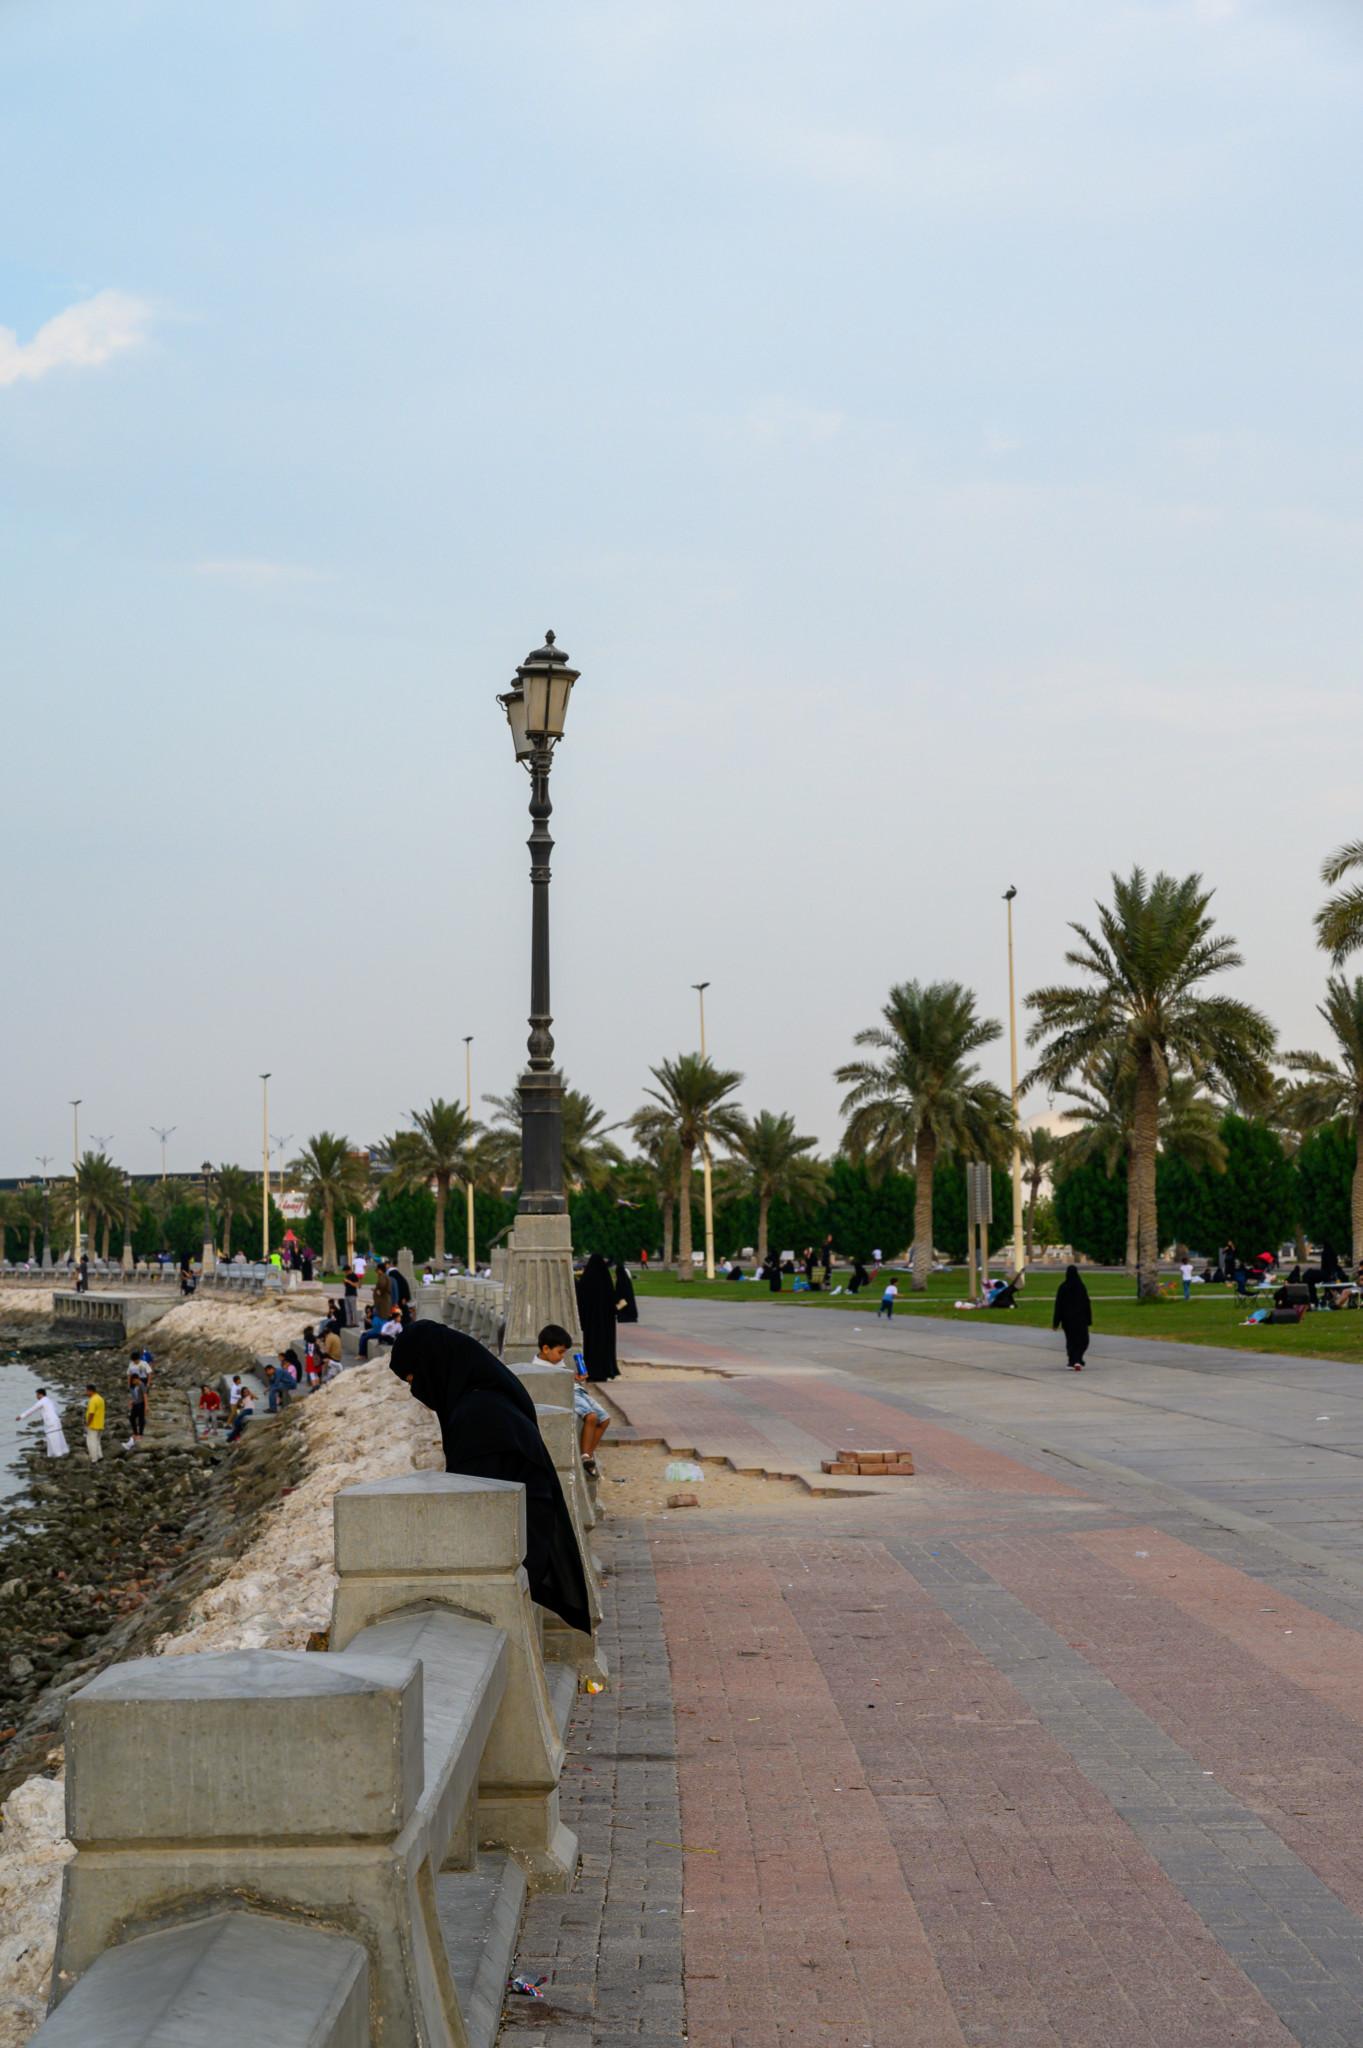 Die Sehenswürdigkeiten in Dammam beinhalten auch die Corniche